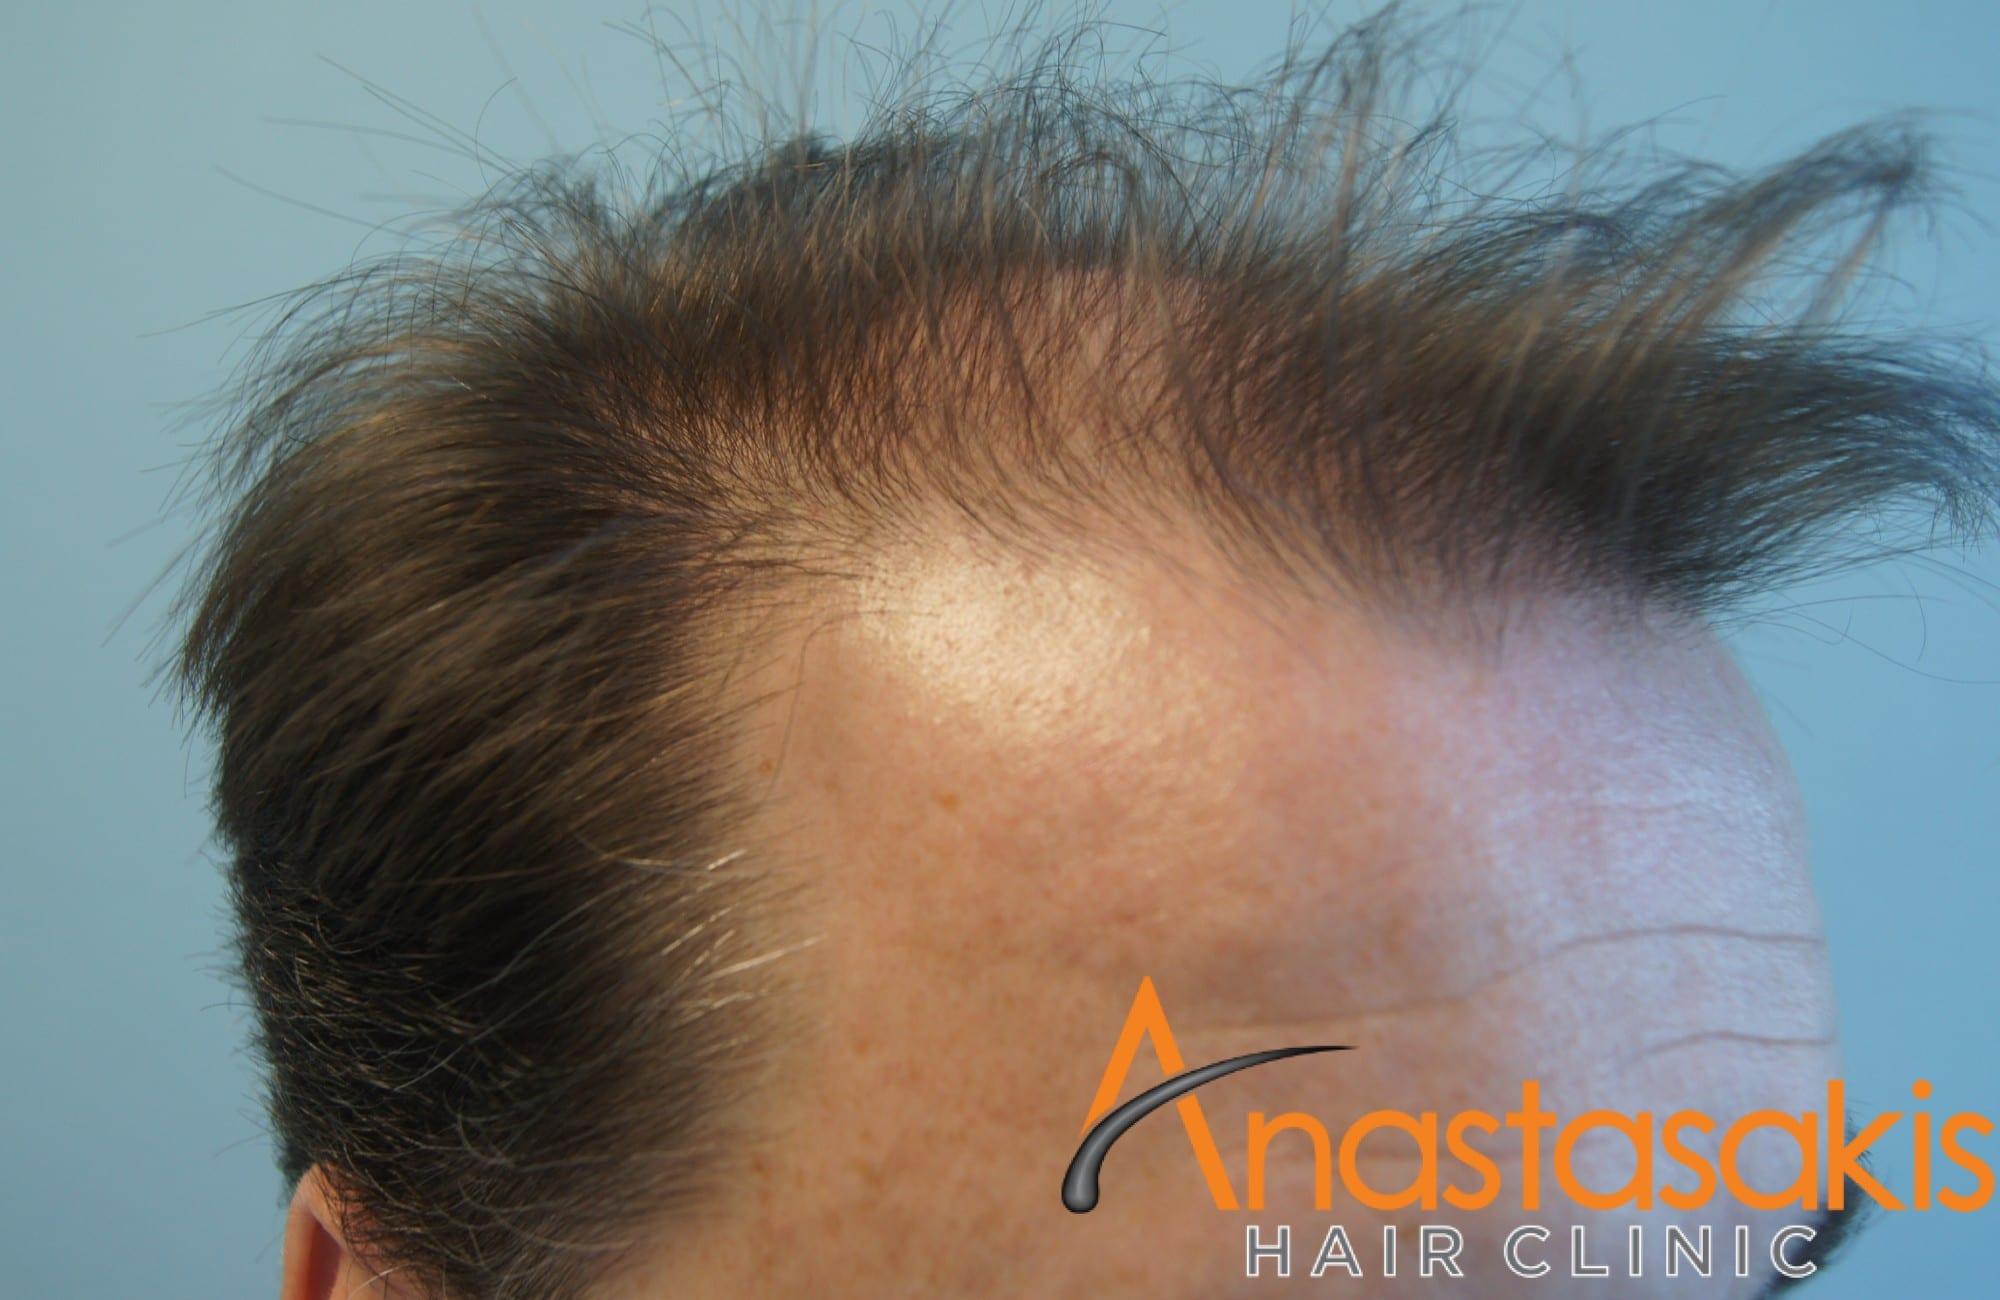 ασθενής πριν τη μεταμόσχευση μαλλιών με fut 3500 fus δεξης κροταφος